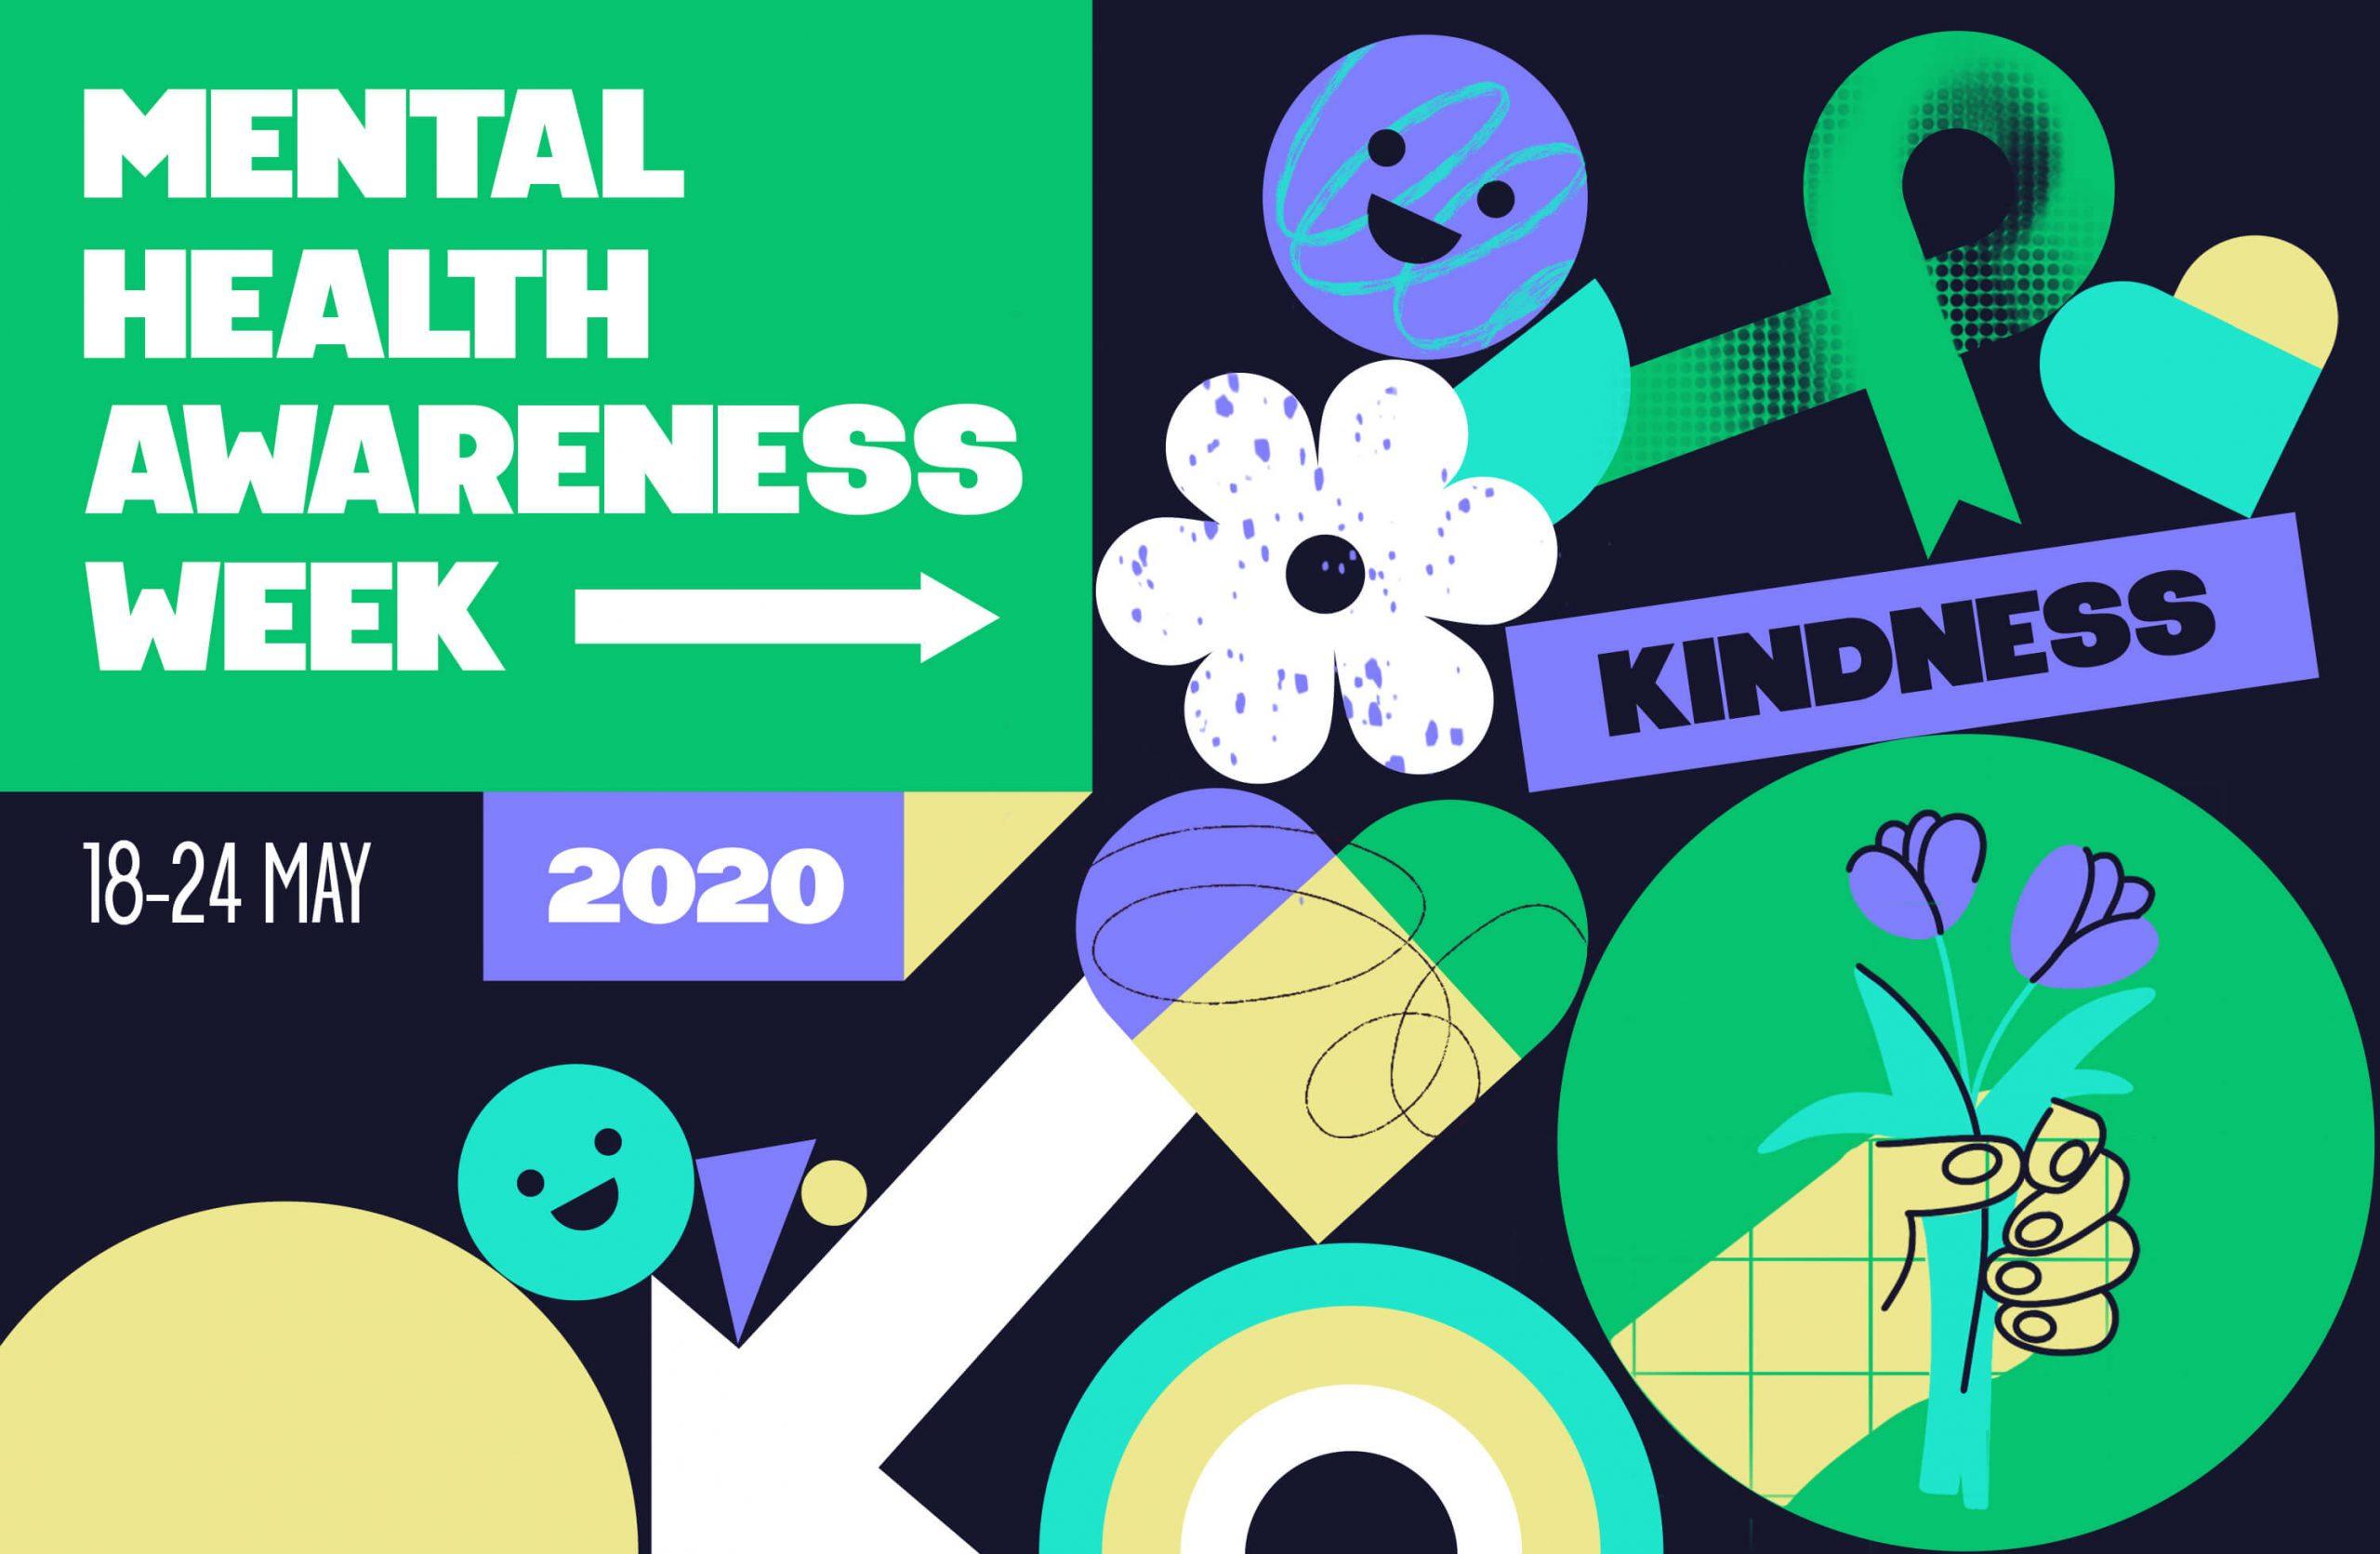 Mental Health Awareness Week kicks off today -18th May